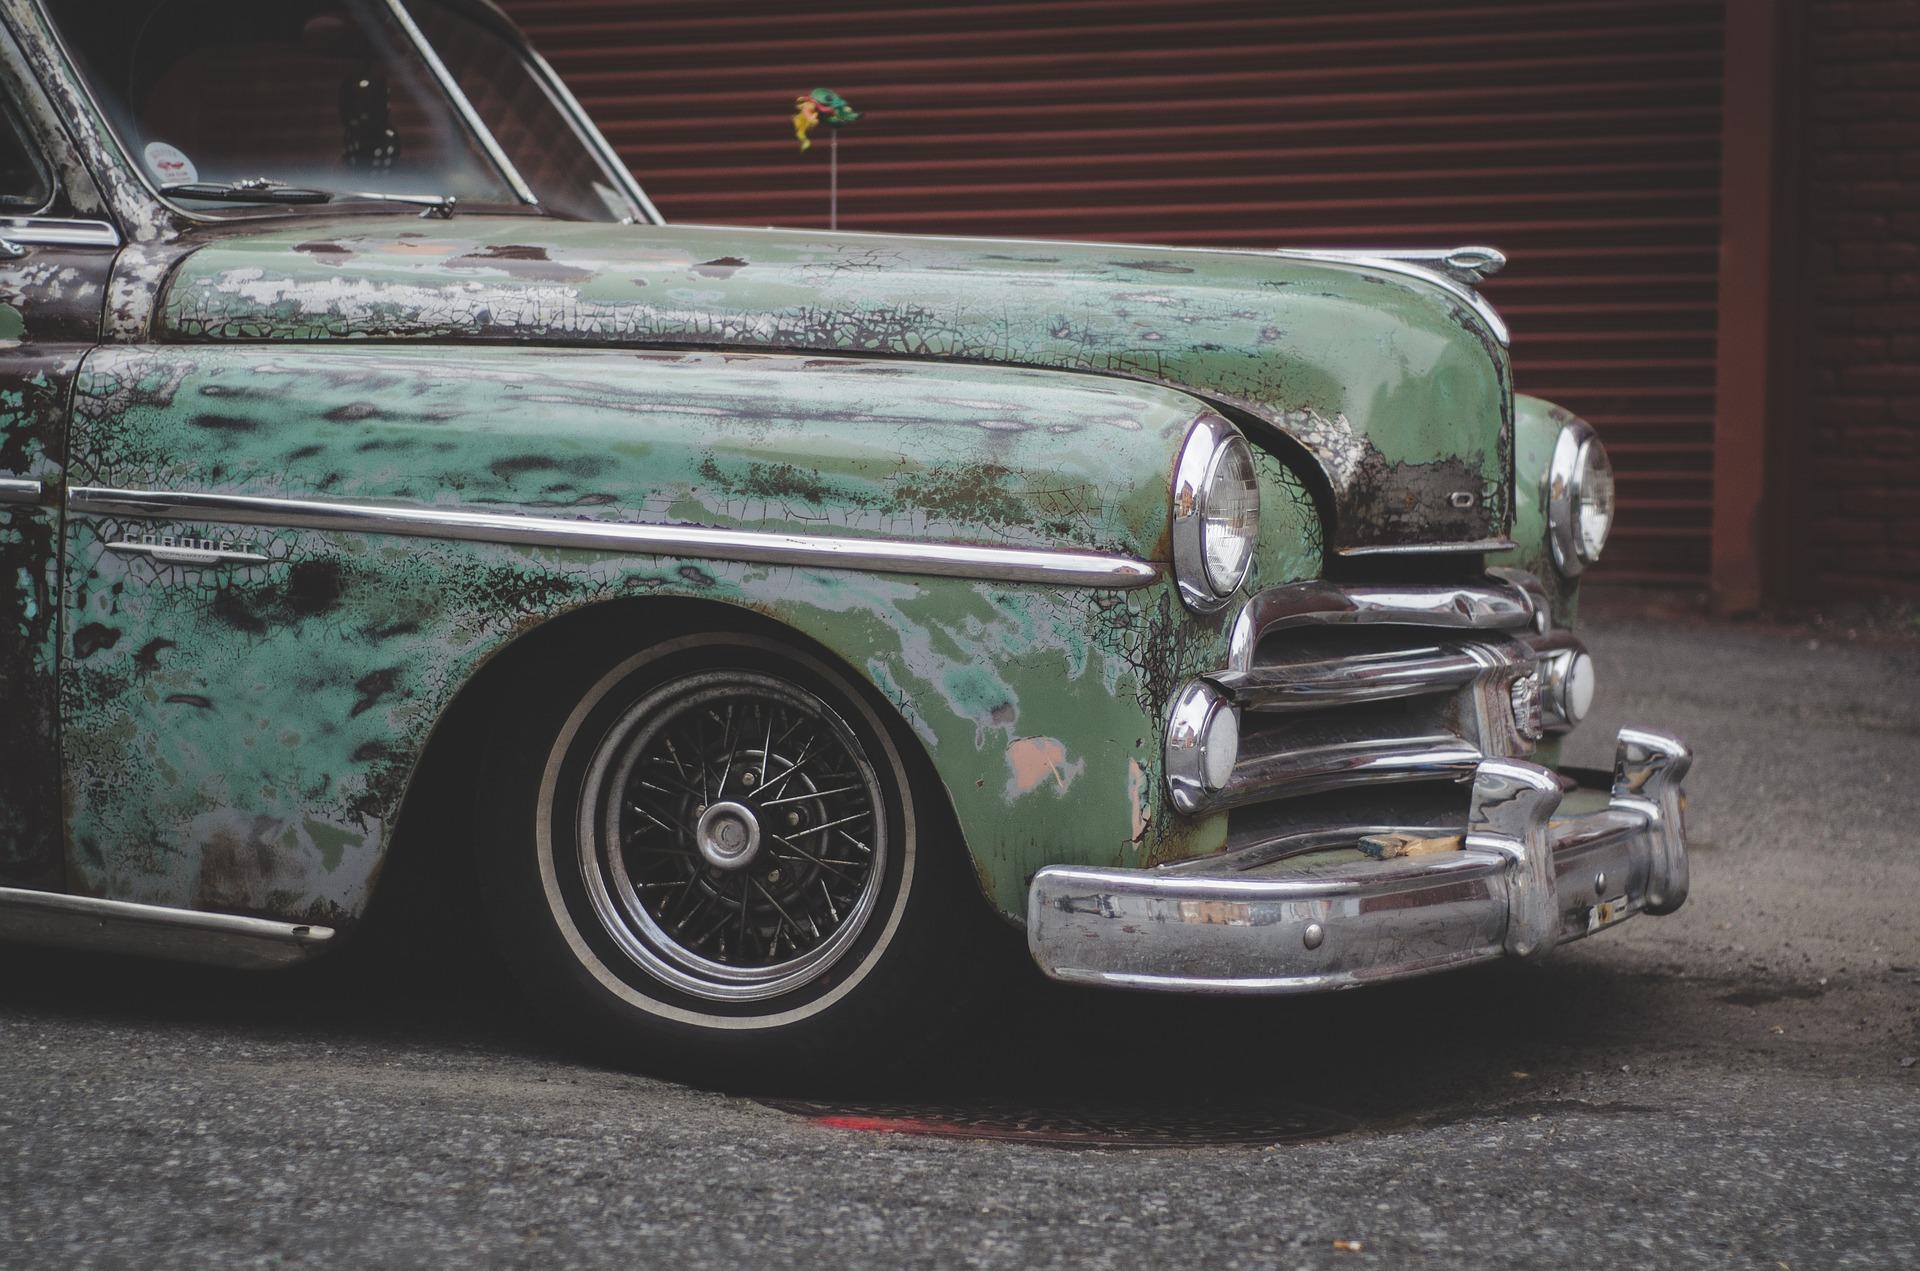 Auto, Jahrgang, Klassiker, Retro, alt, schmutzige, Automobil - Wallpaper HD - Prof.-falken.com